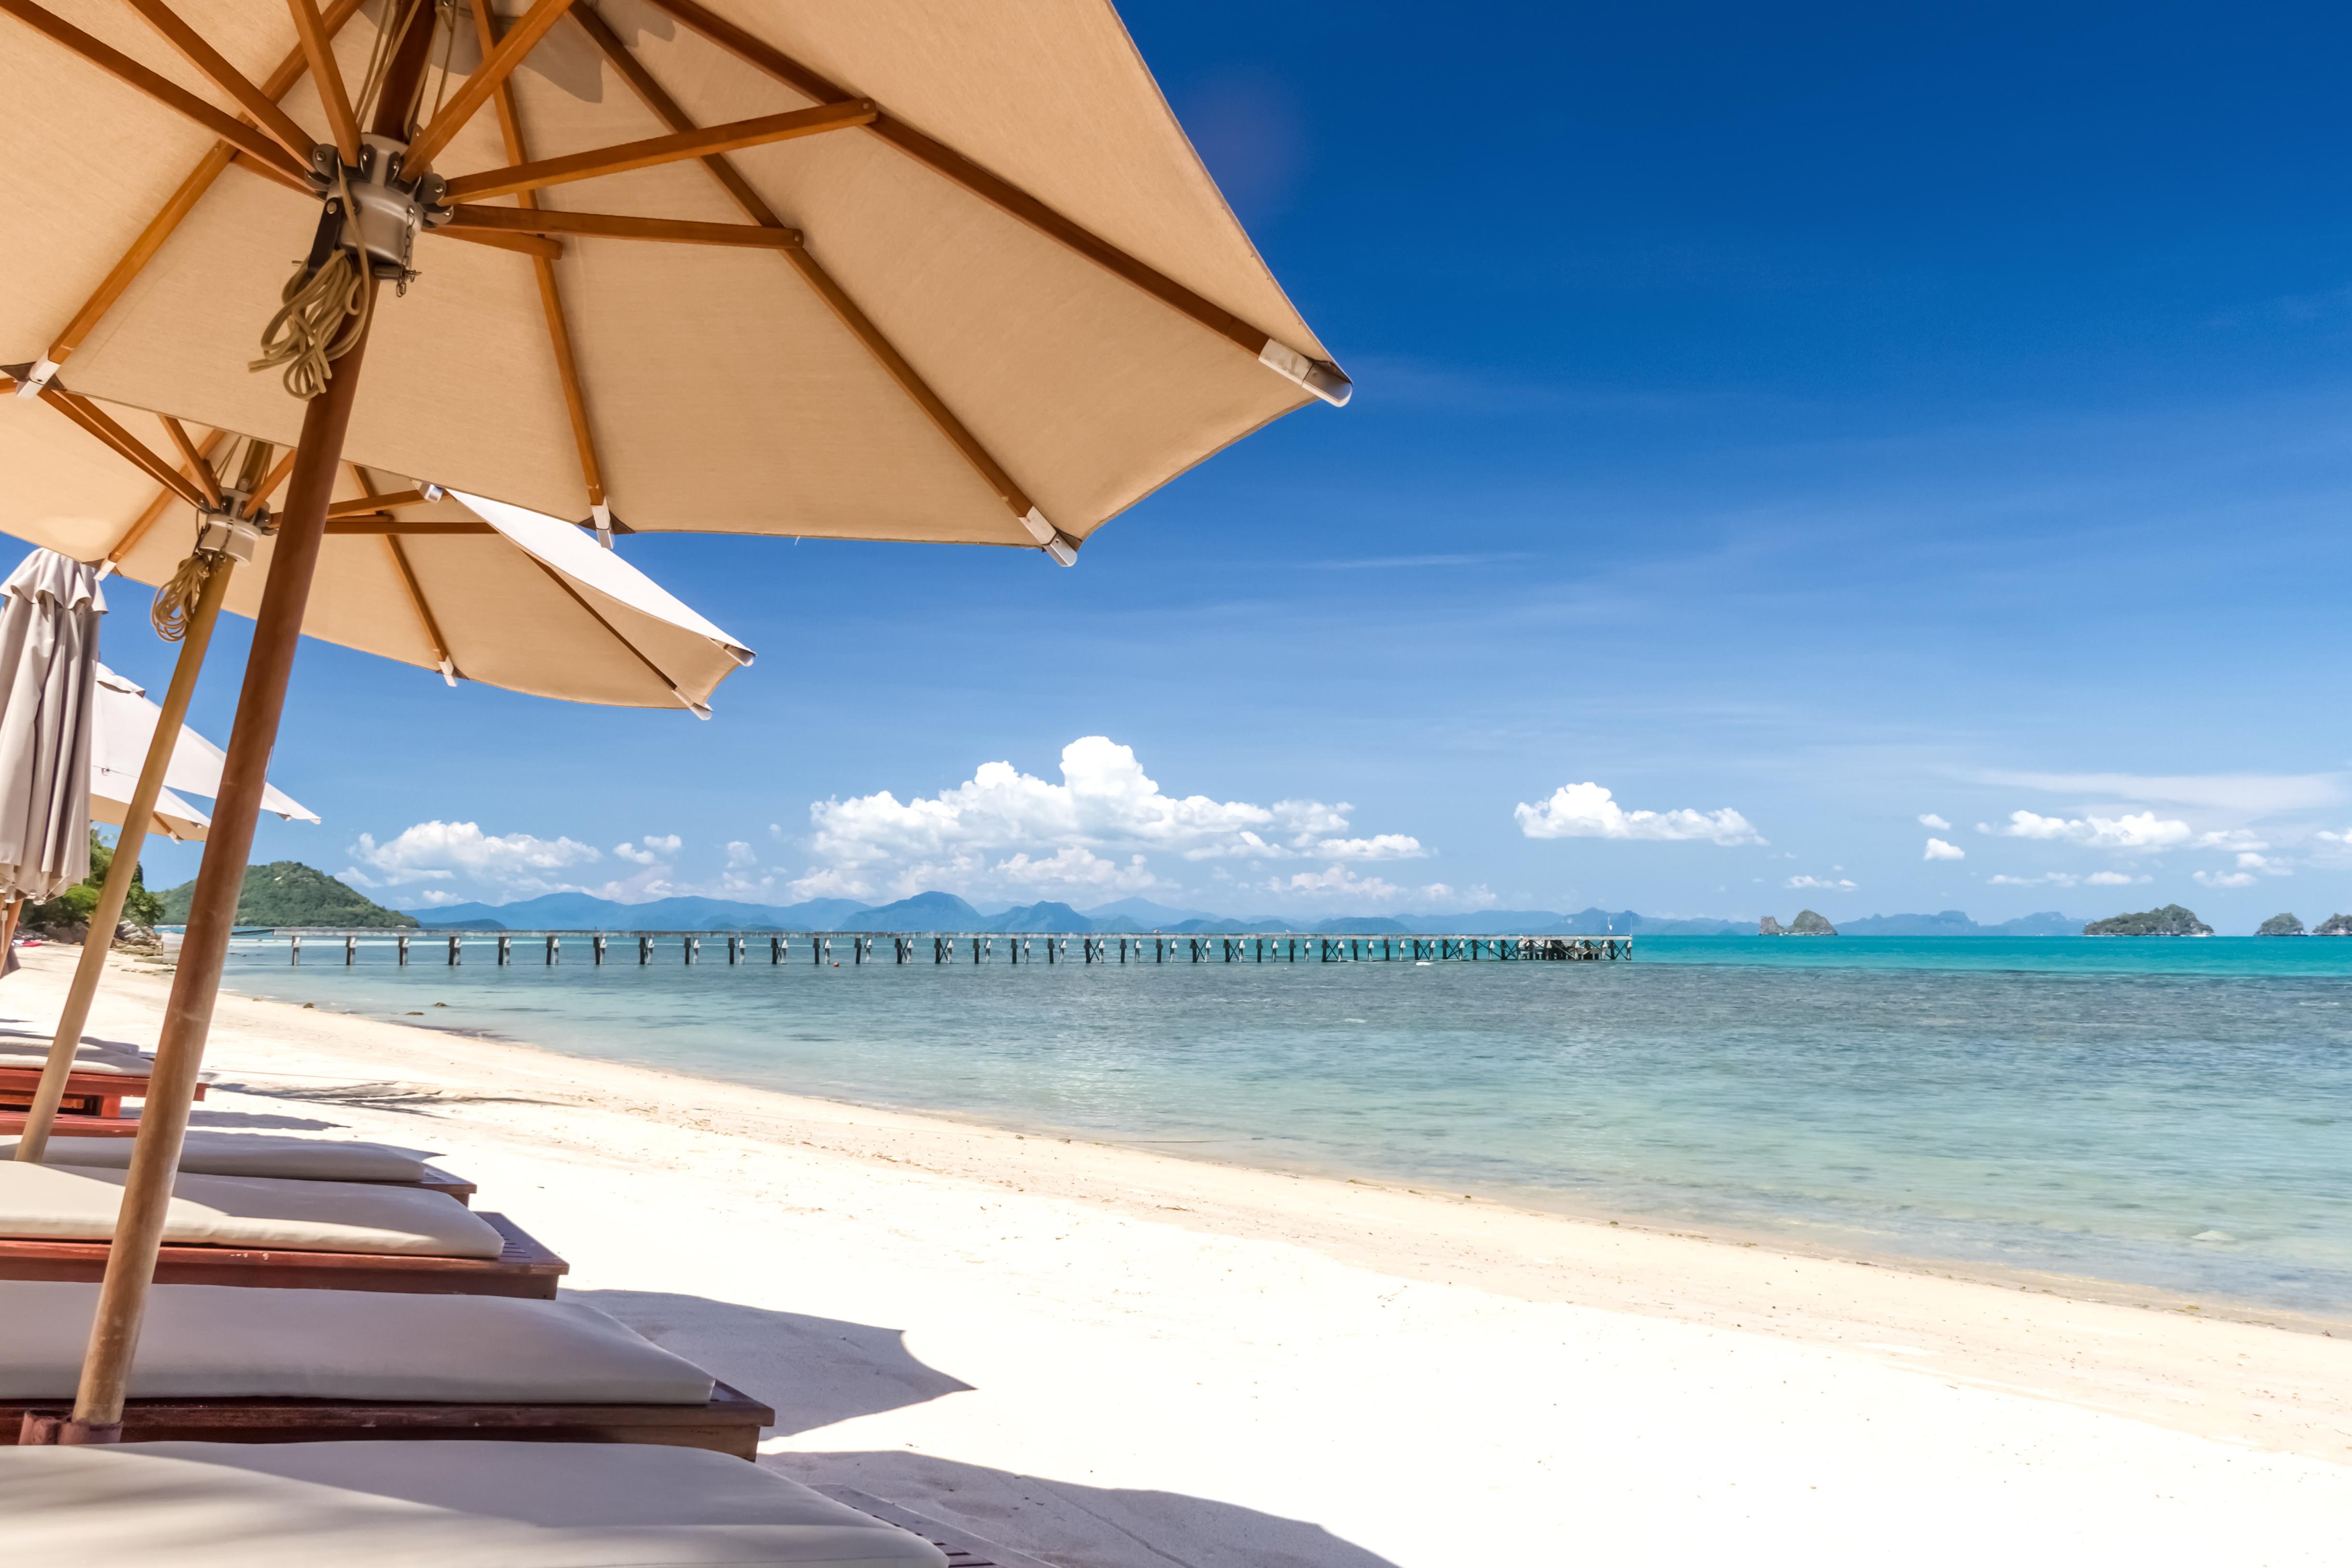 Boracay Beach11